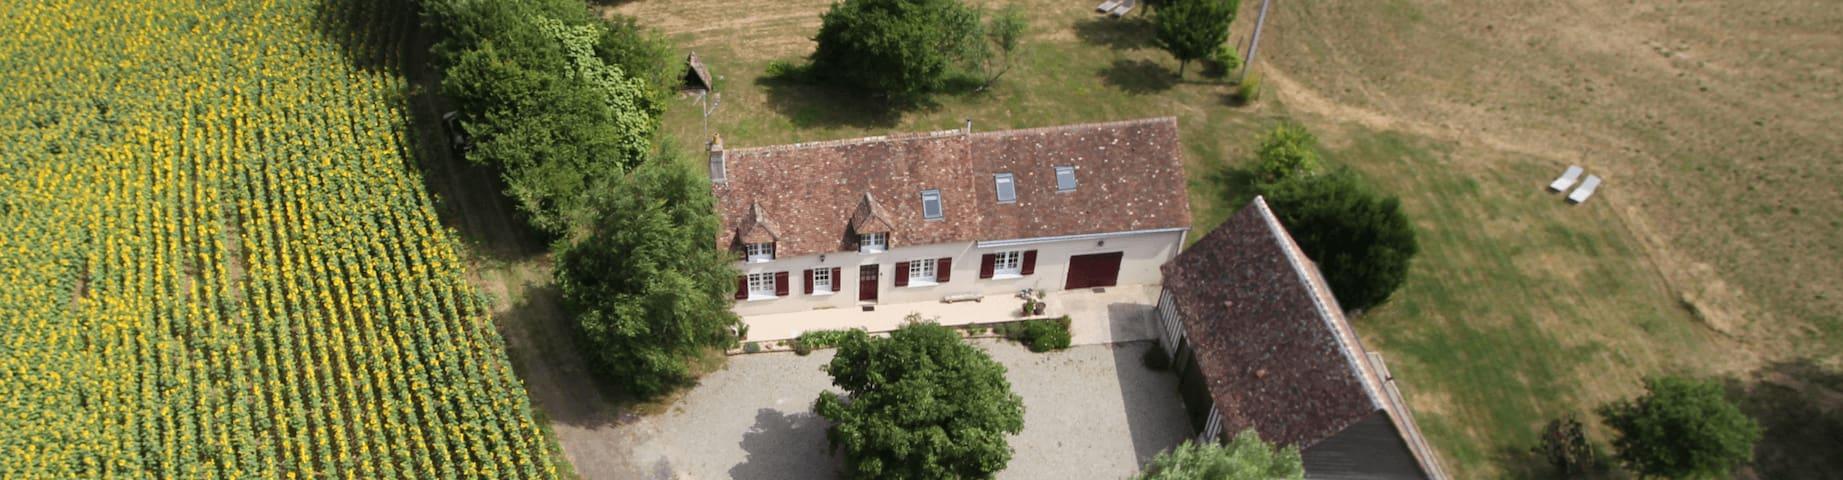 La Camillette - Nogent-le-Bernard - Casa